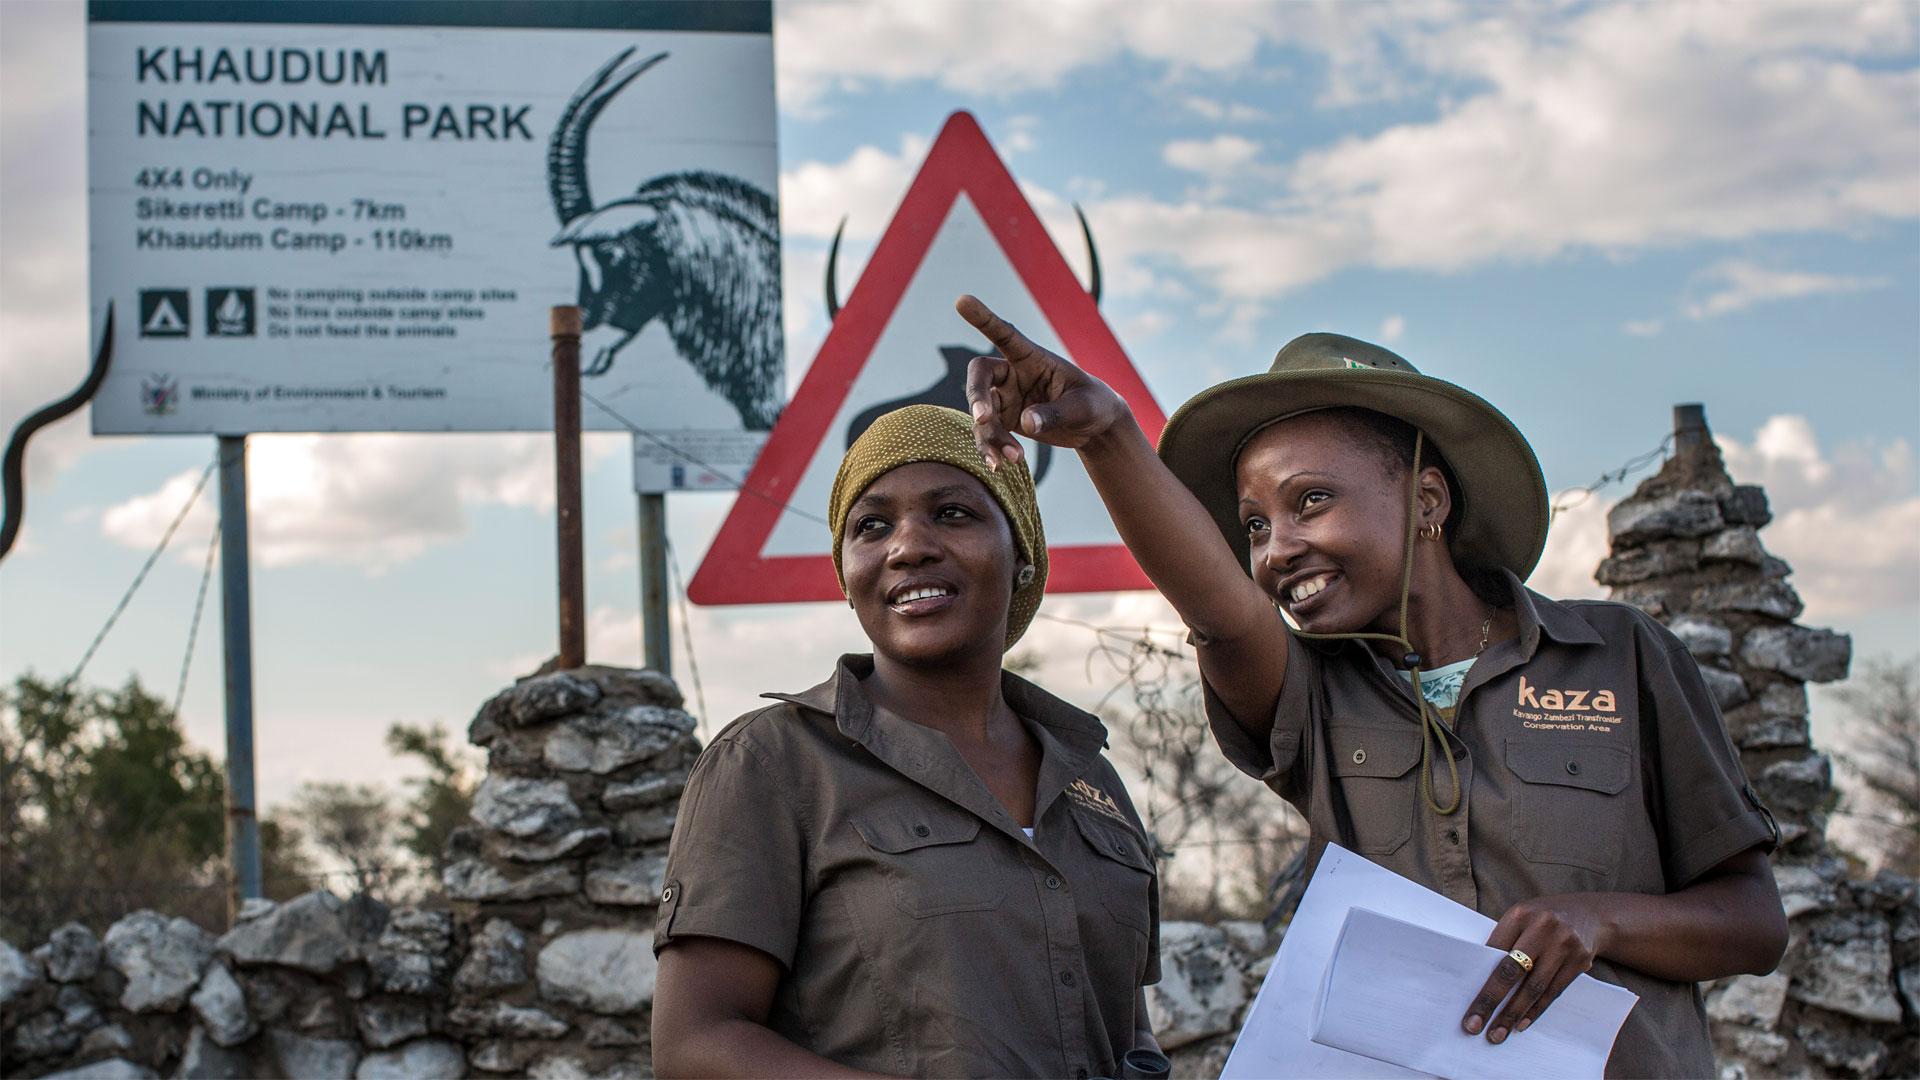 Wildhüterinnen im Khaudum-Nationalpark in Namibia. Der Park ist Teil des grenzübergreifenden Nationalpark-Projektes KAZA, das im Rahmen der deutschen Entwicklungszusammenarbeit gefördert wird.